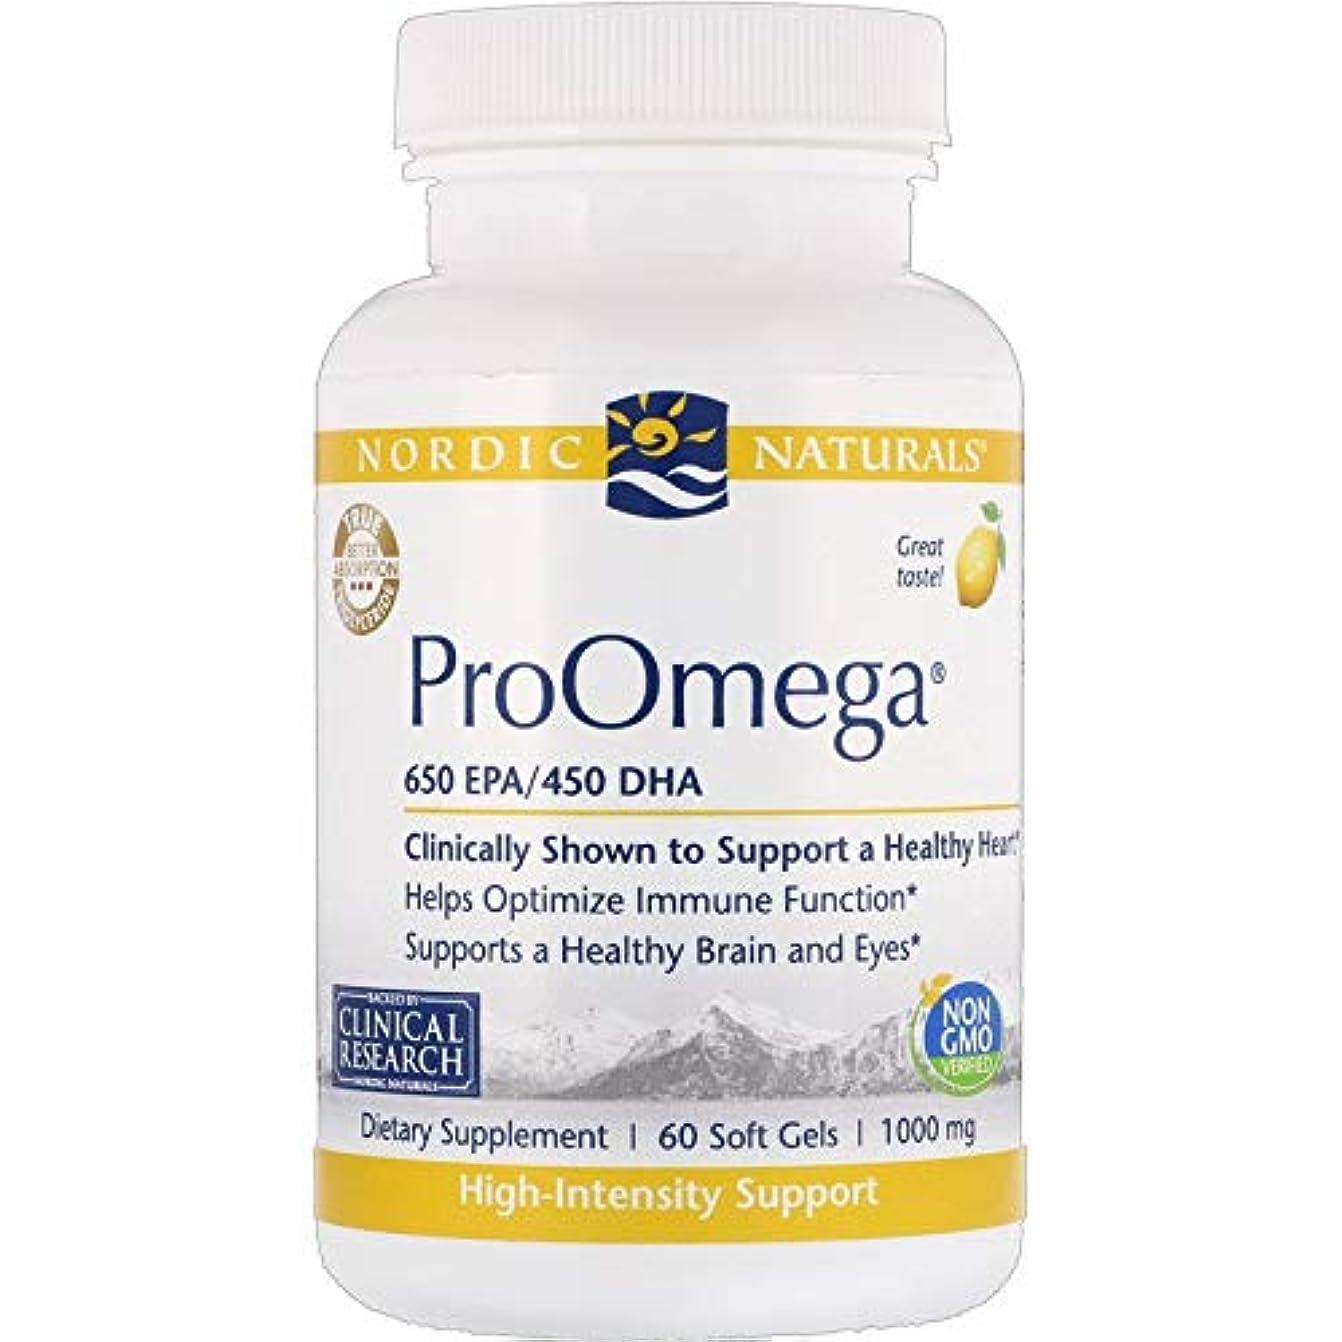 アクセント三角学校Nordic Naturals ProOmega プロオメガ レモン味 650 EPA / 450 DHA 1000 mg 60粒 [海外直送品]